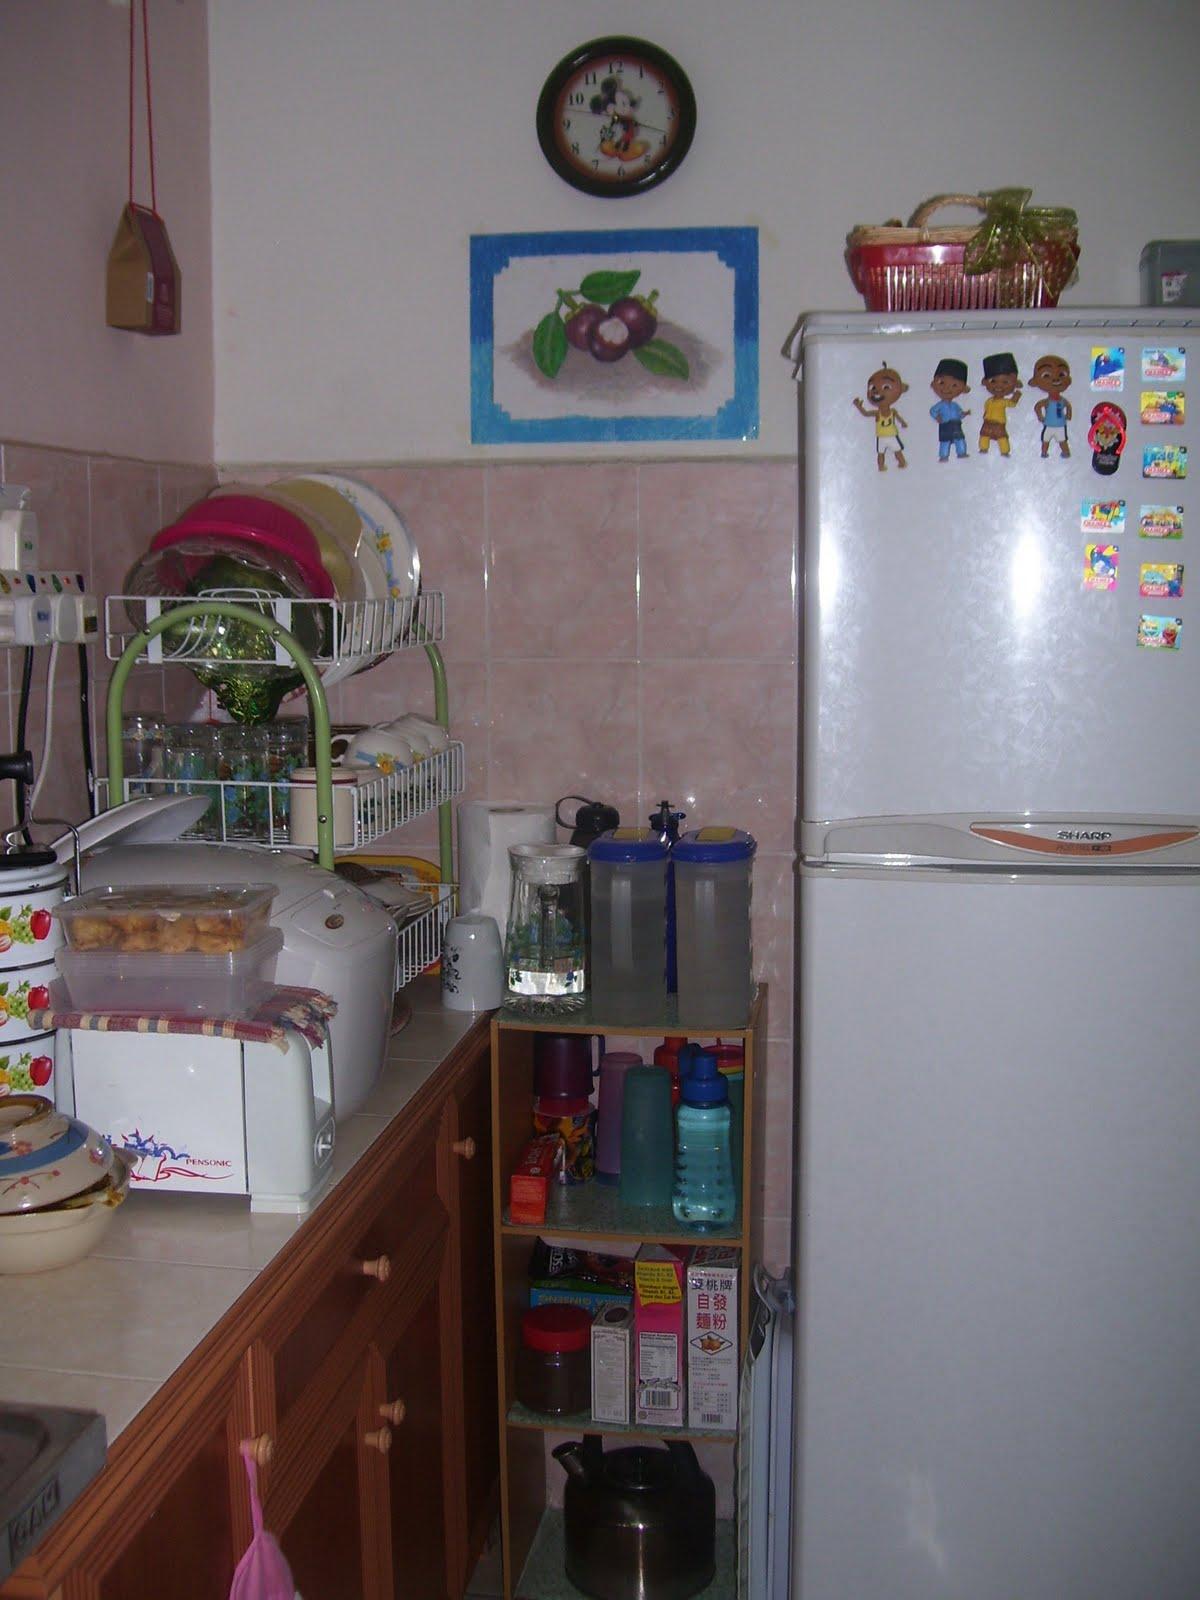 Dapur Yang Cantik Dan Kemas Brad Erva Doce Info